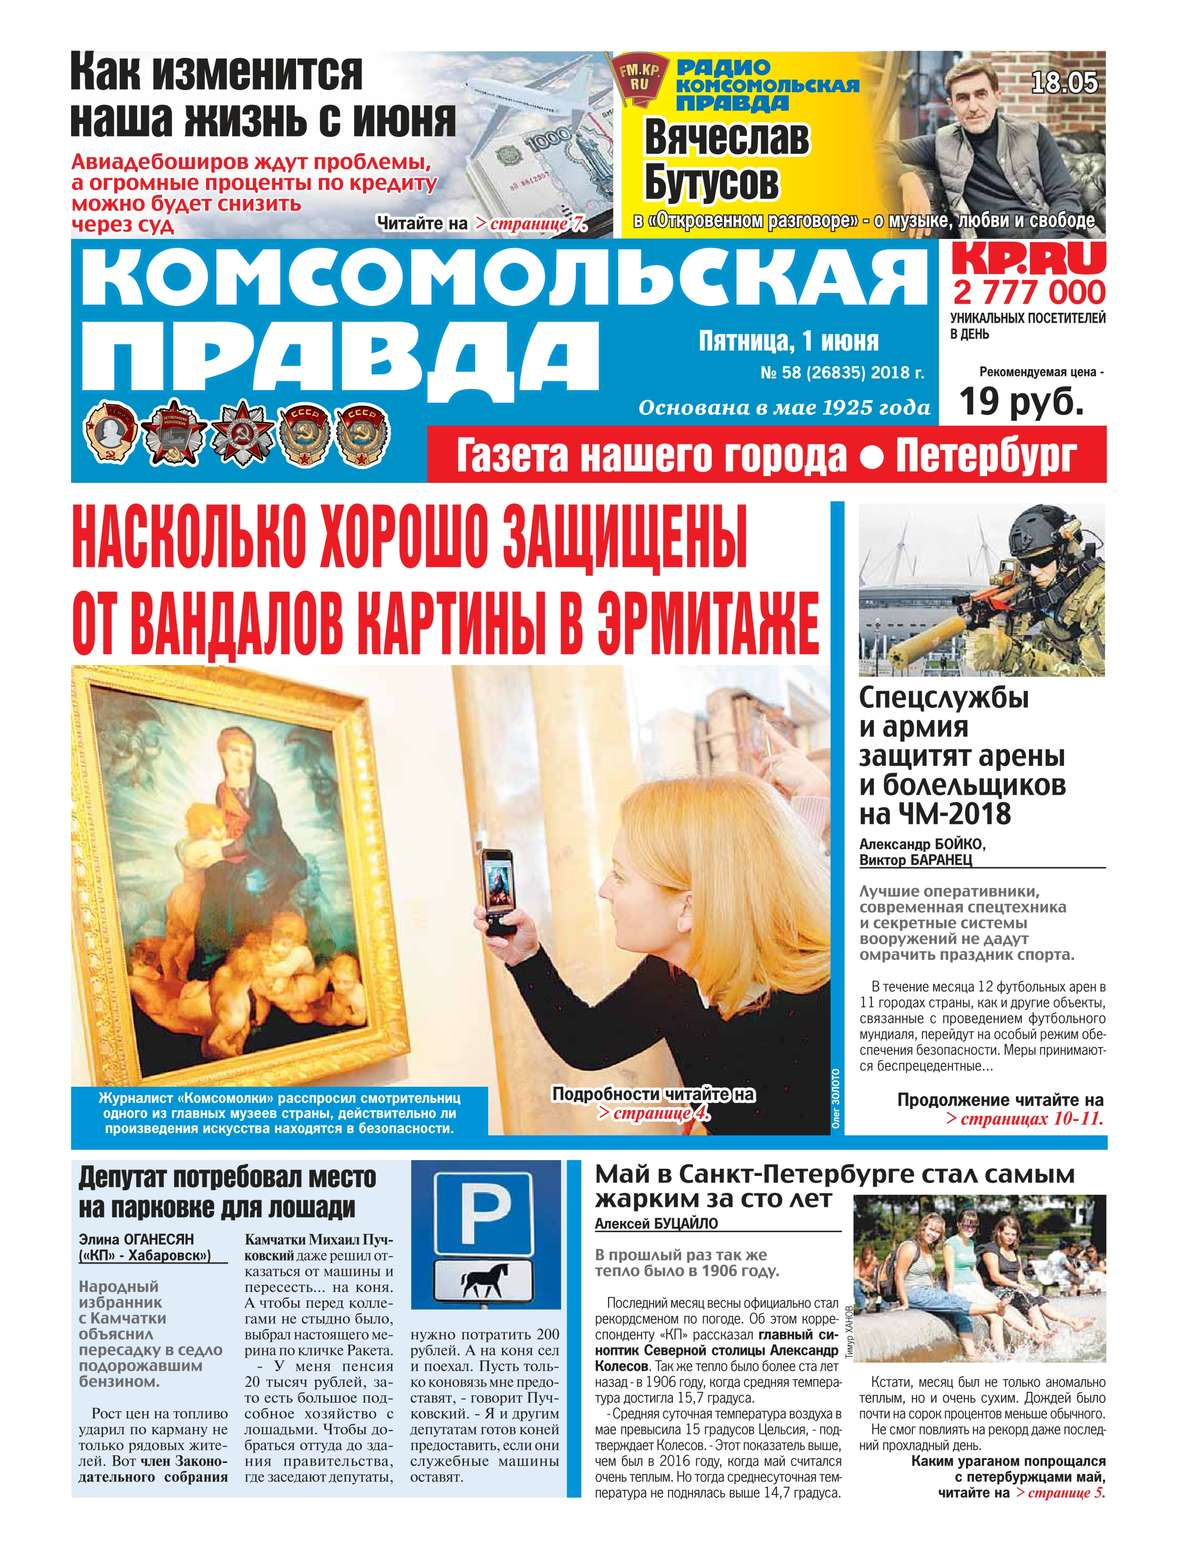 Редакция газеты Комсомольская Правда. - Комсомольская Правда. - 58-2018